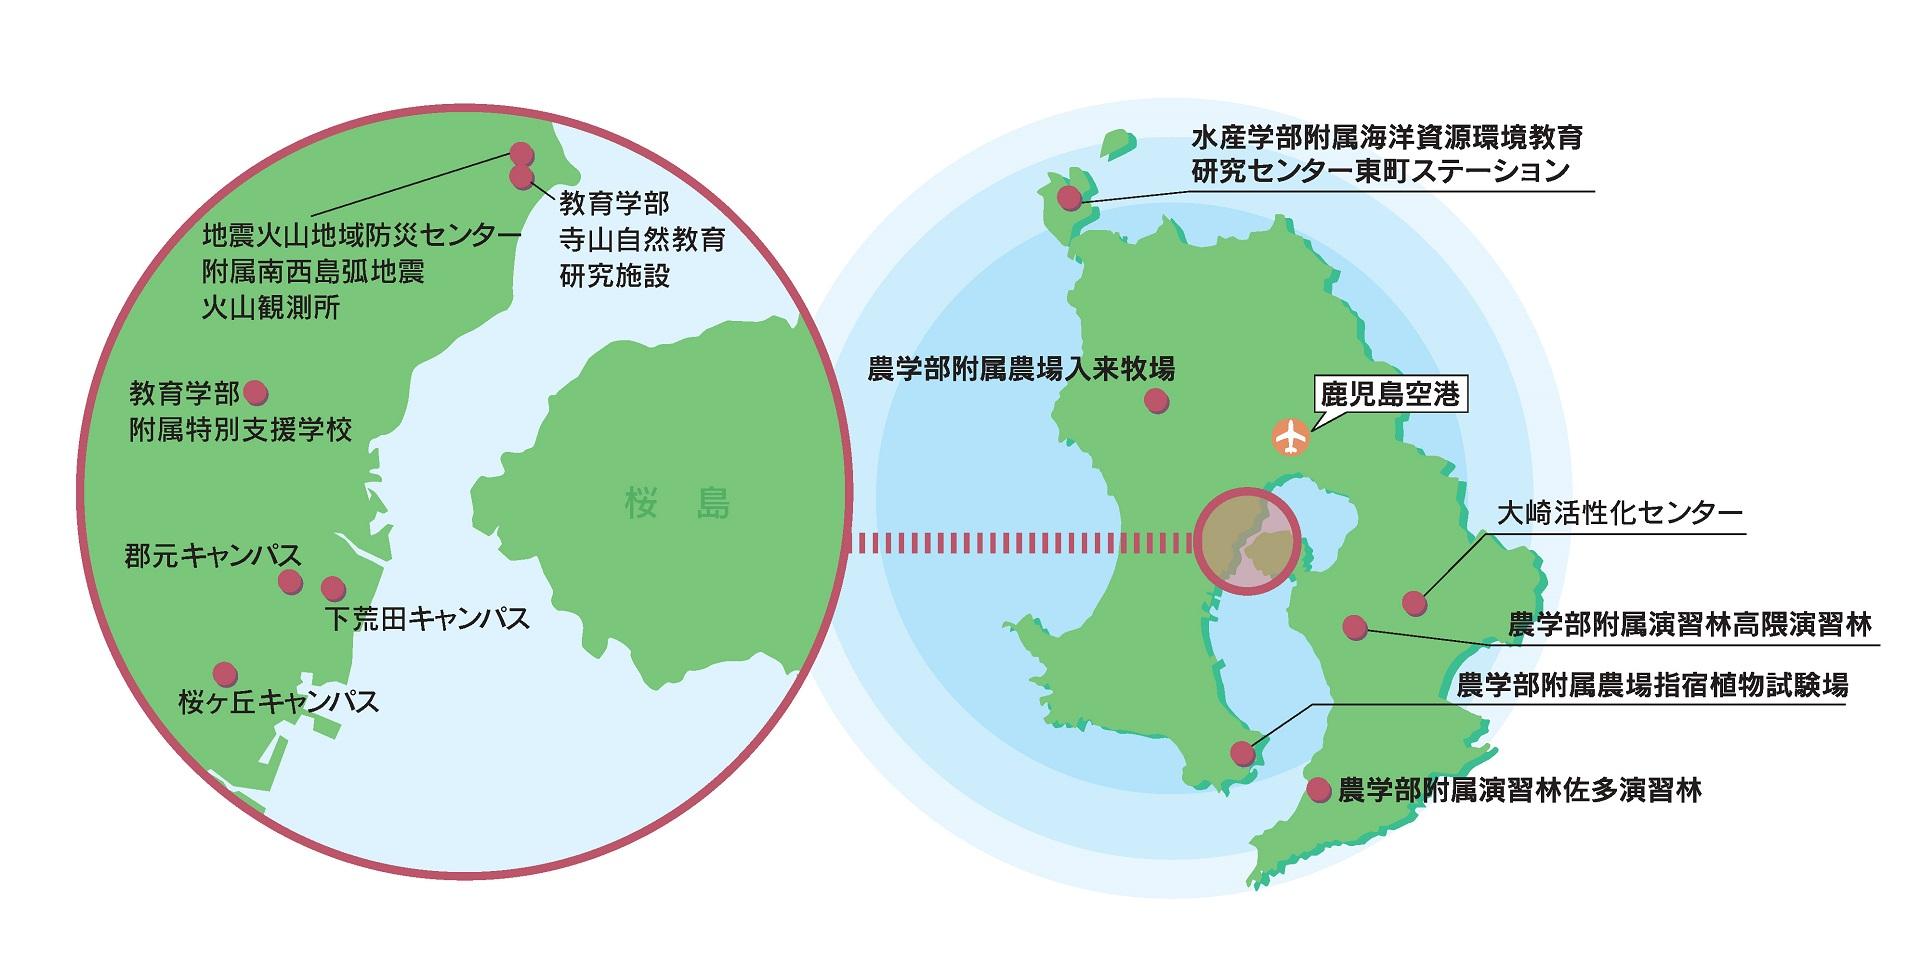 https://www.kagoshima-u.ac.jp/about/kadaimap-access-Kagoshima%28236px%29-forprint.jpg